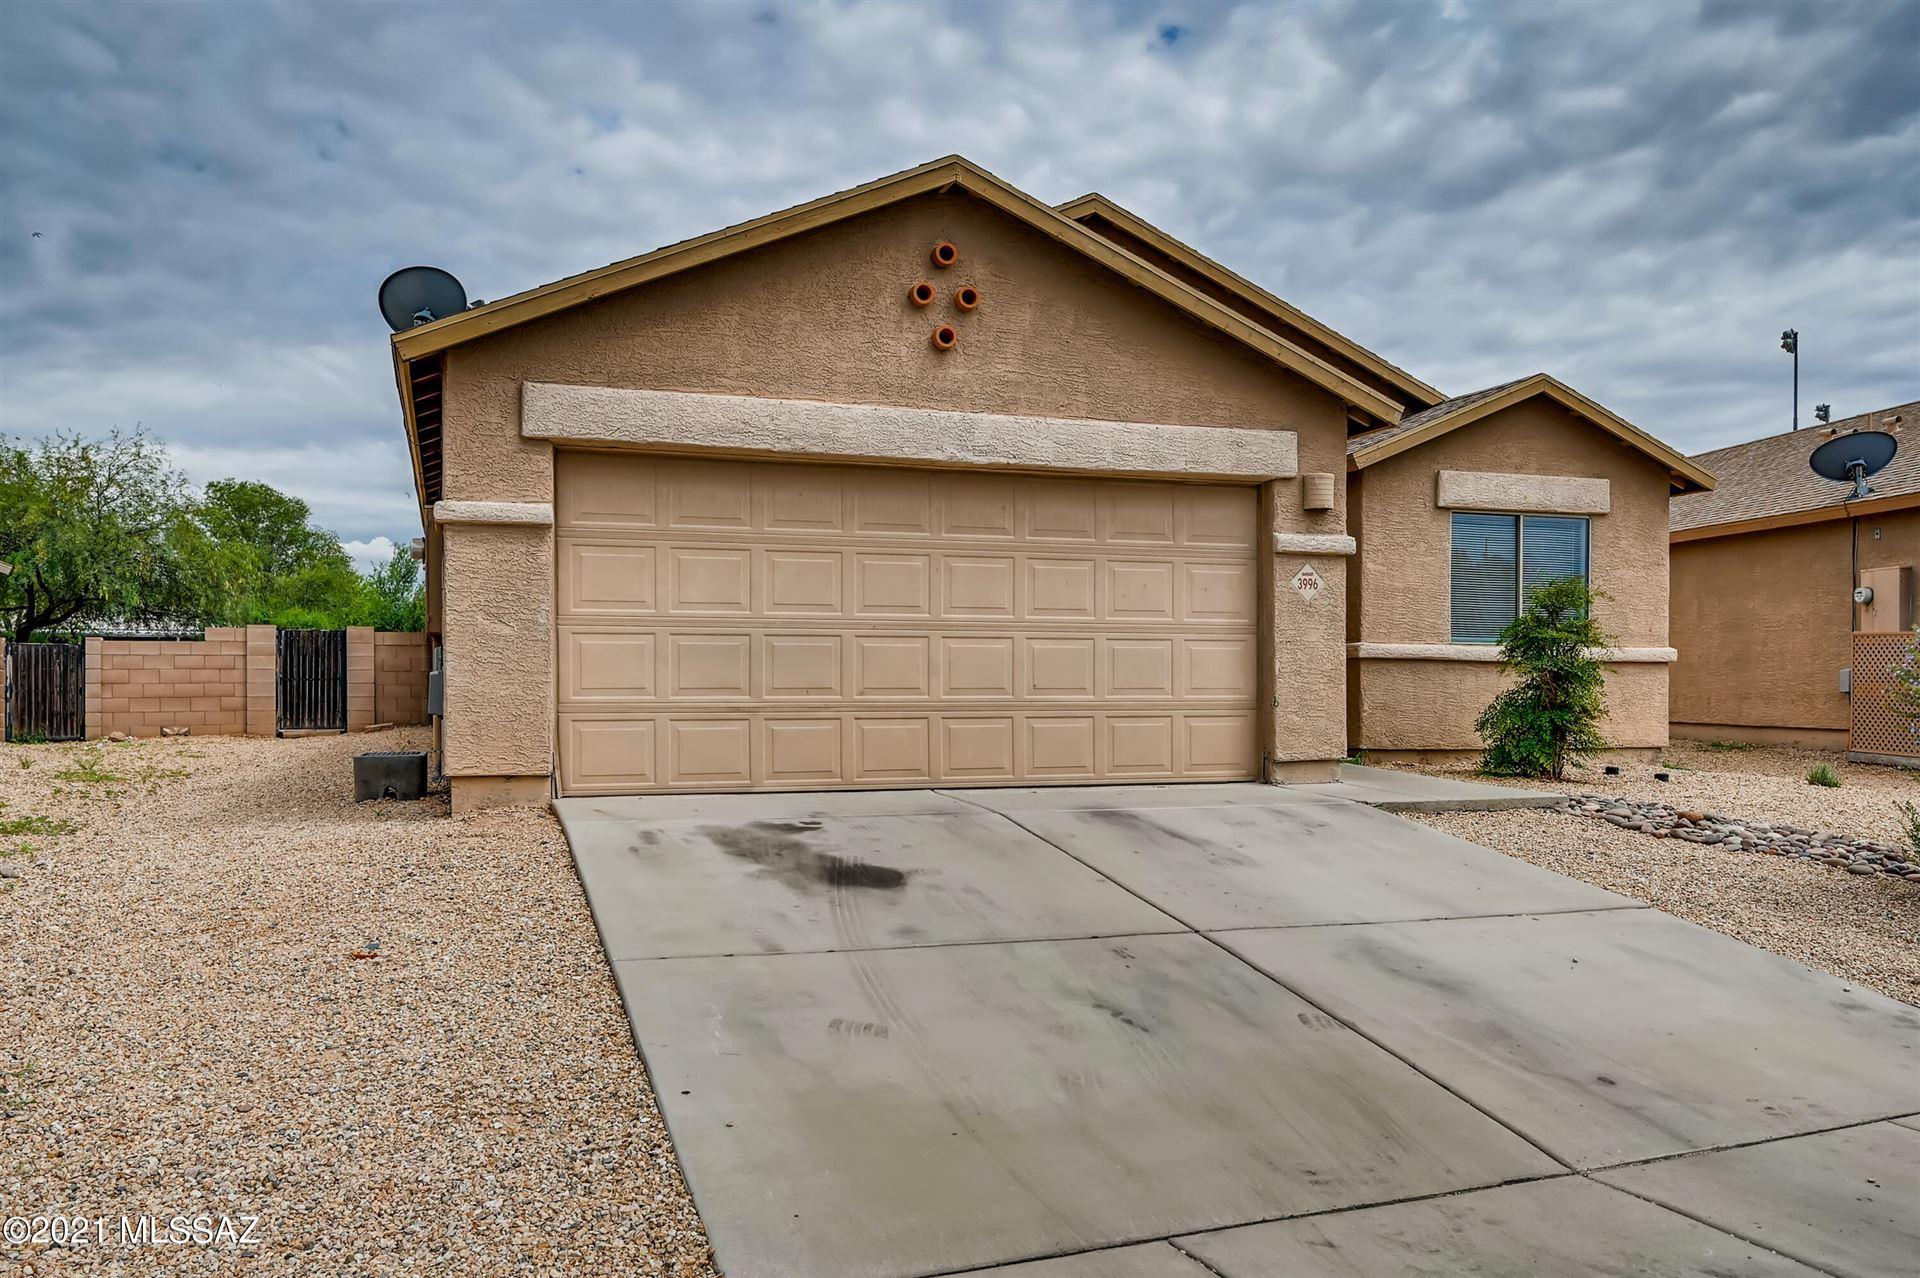 3996 E Nico Lane, Tucson, AZ 85706 - MLS#: 22118906